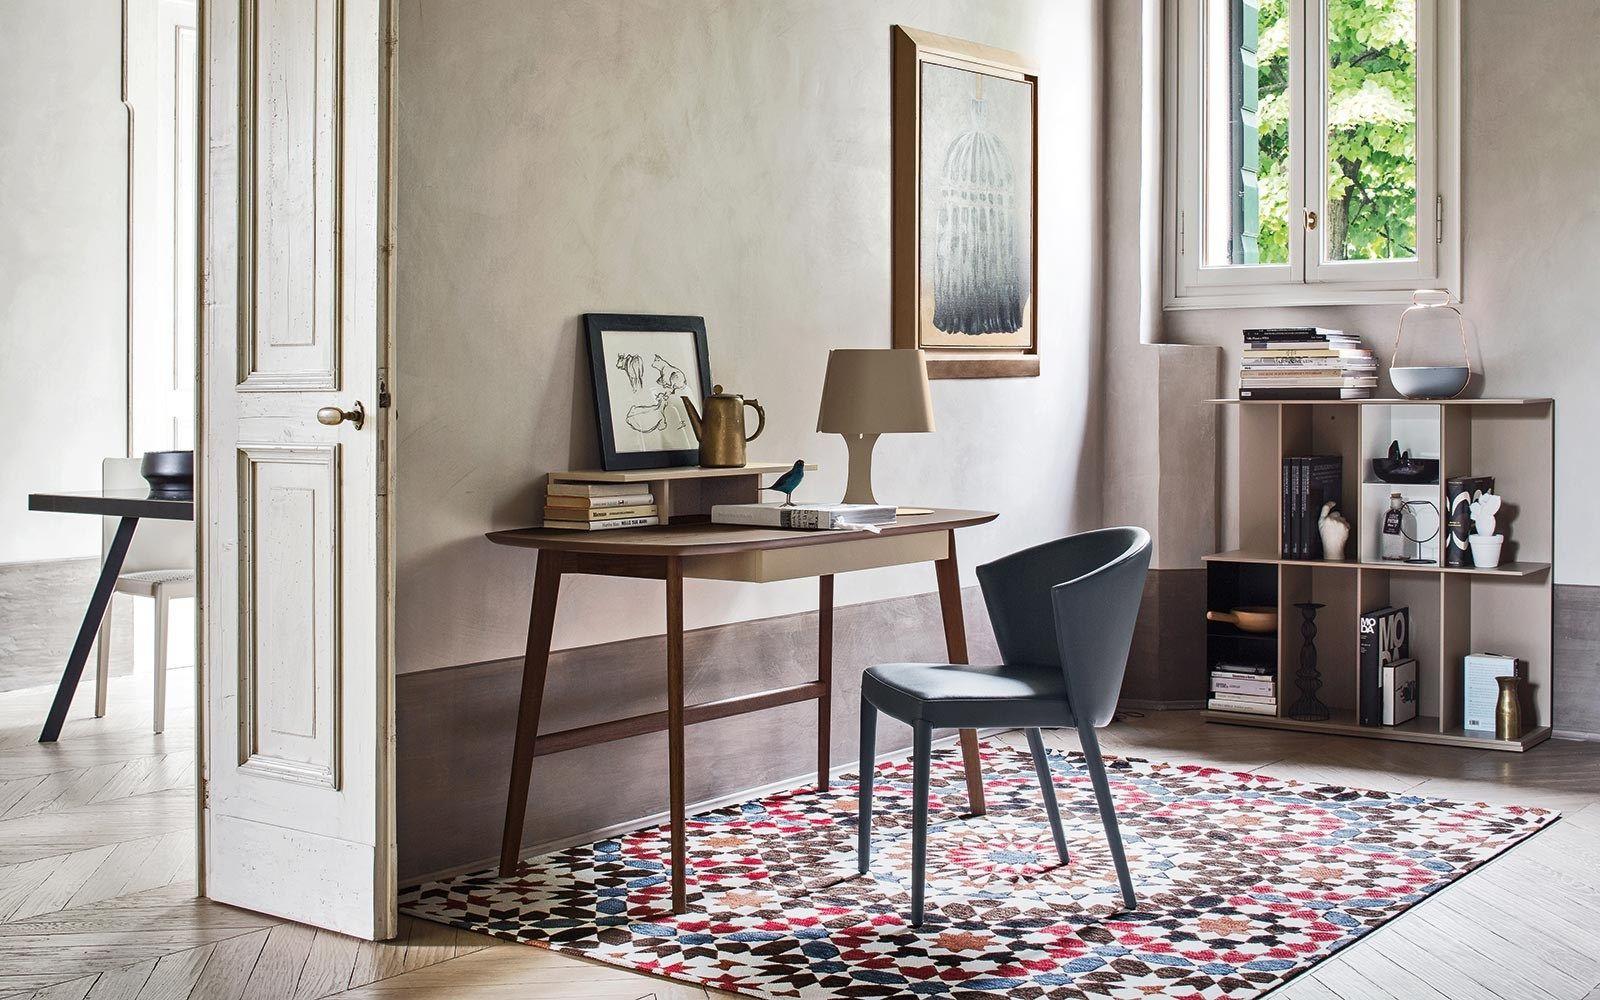 Match scrivania by calligaris design gino carollo for Scrivania calligaris